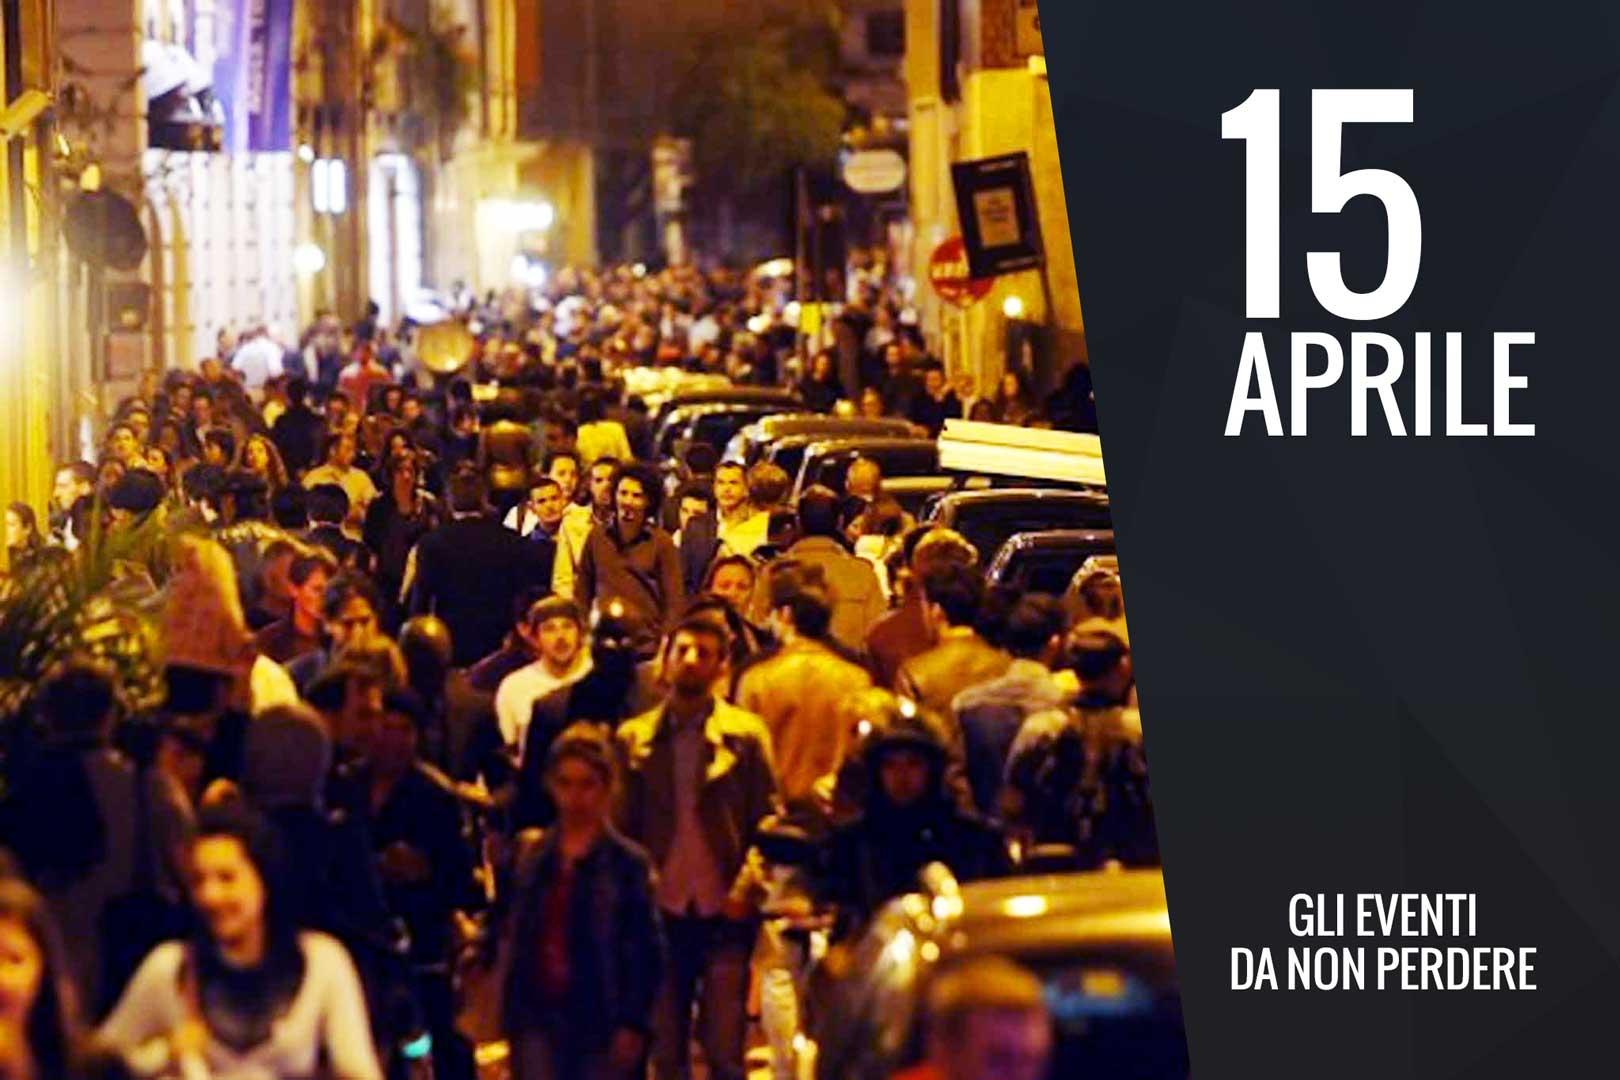 Venerdì 15 Aprile: gli eventi da non perdere